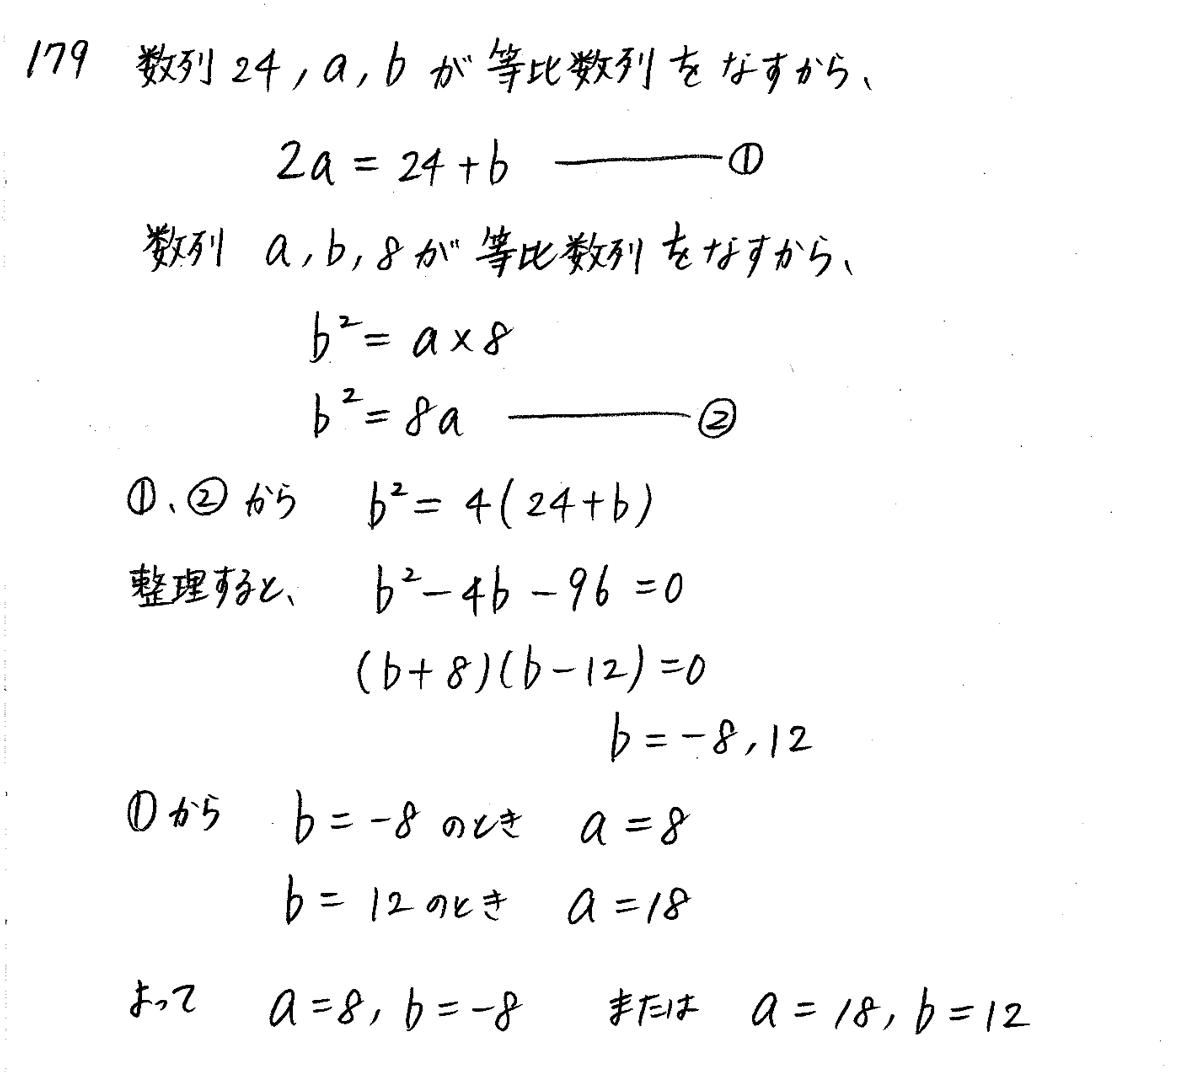 クリアー数学B-179解答